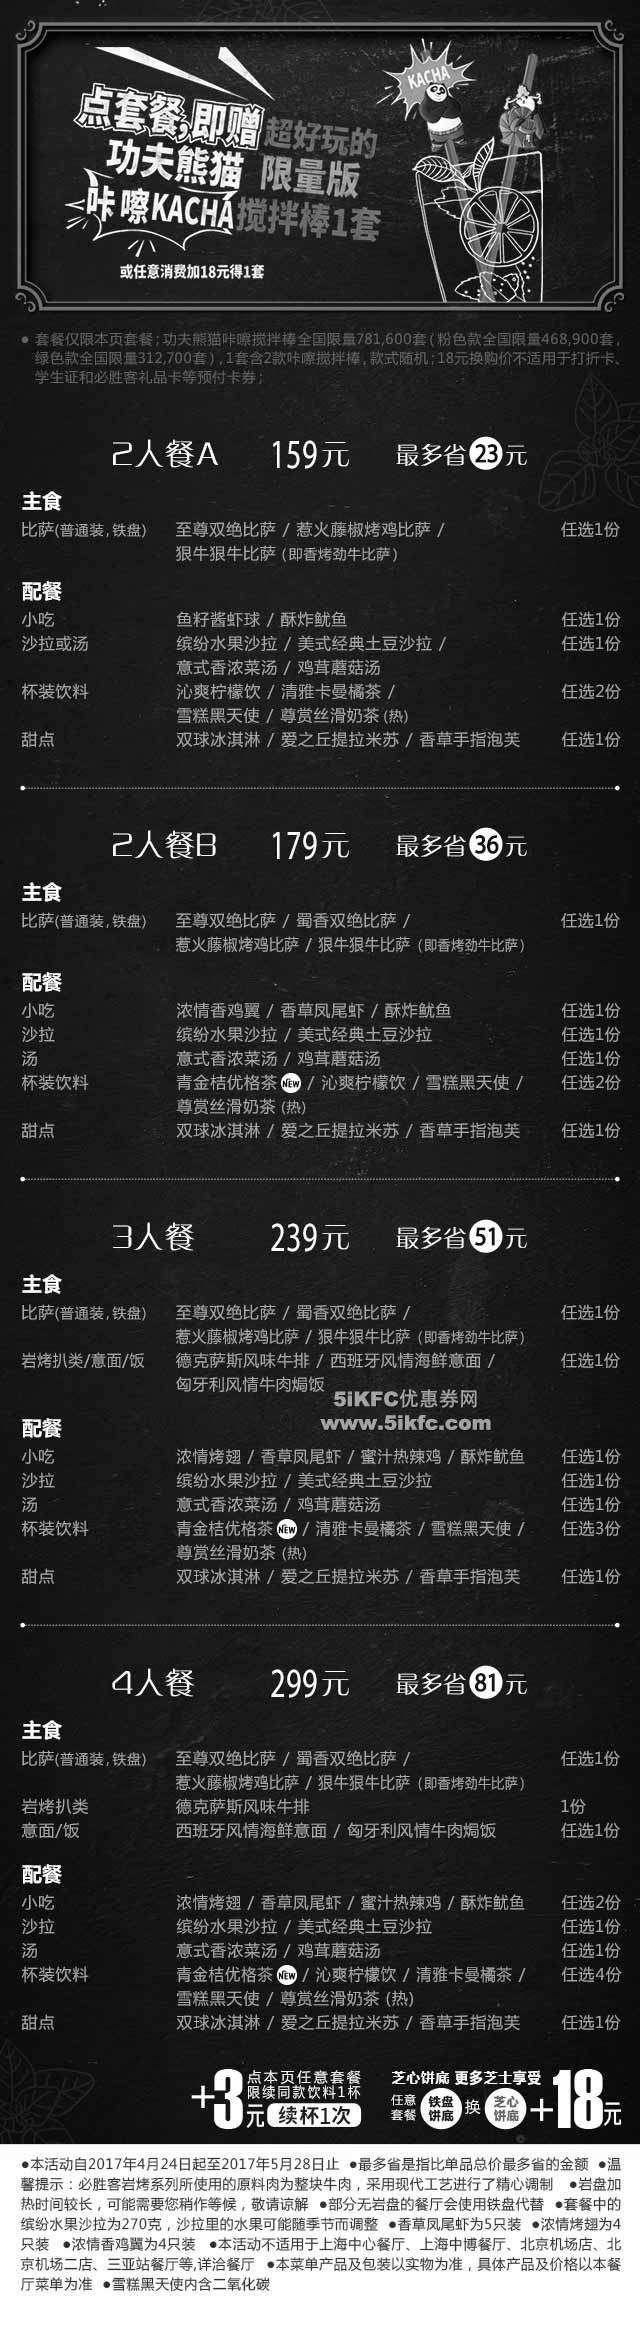 黑白优惠券图片:必胜客新品套餐159元起,点套餐赠功夫熊猫咔嚓KACHA限量版搅拌棒1套 - www.5ikfc.com